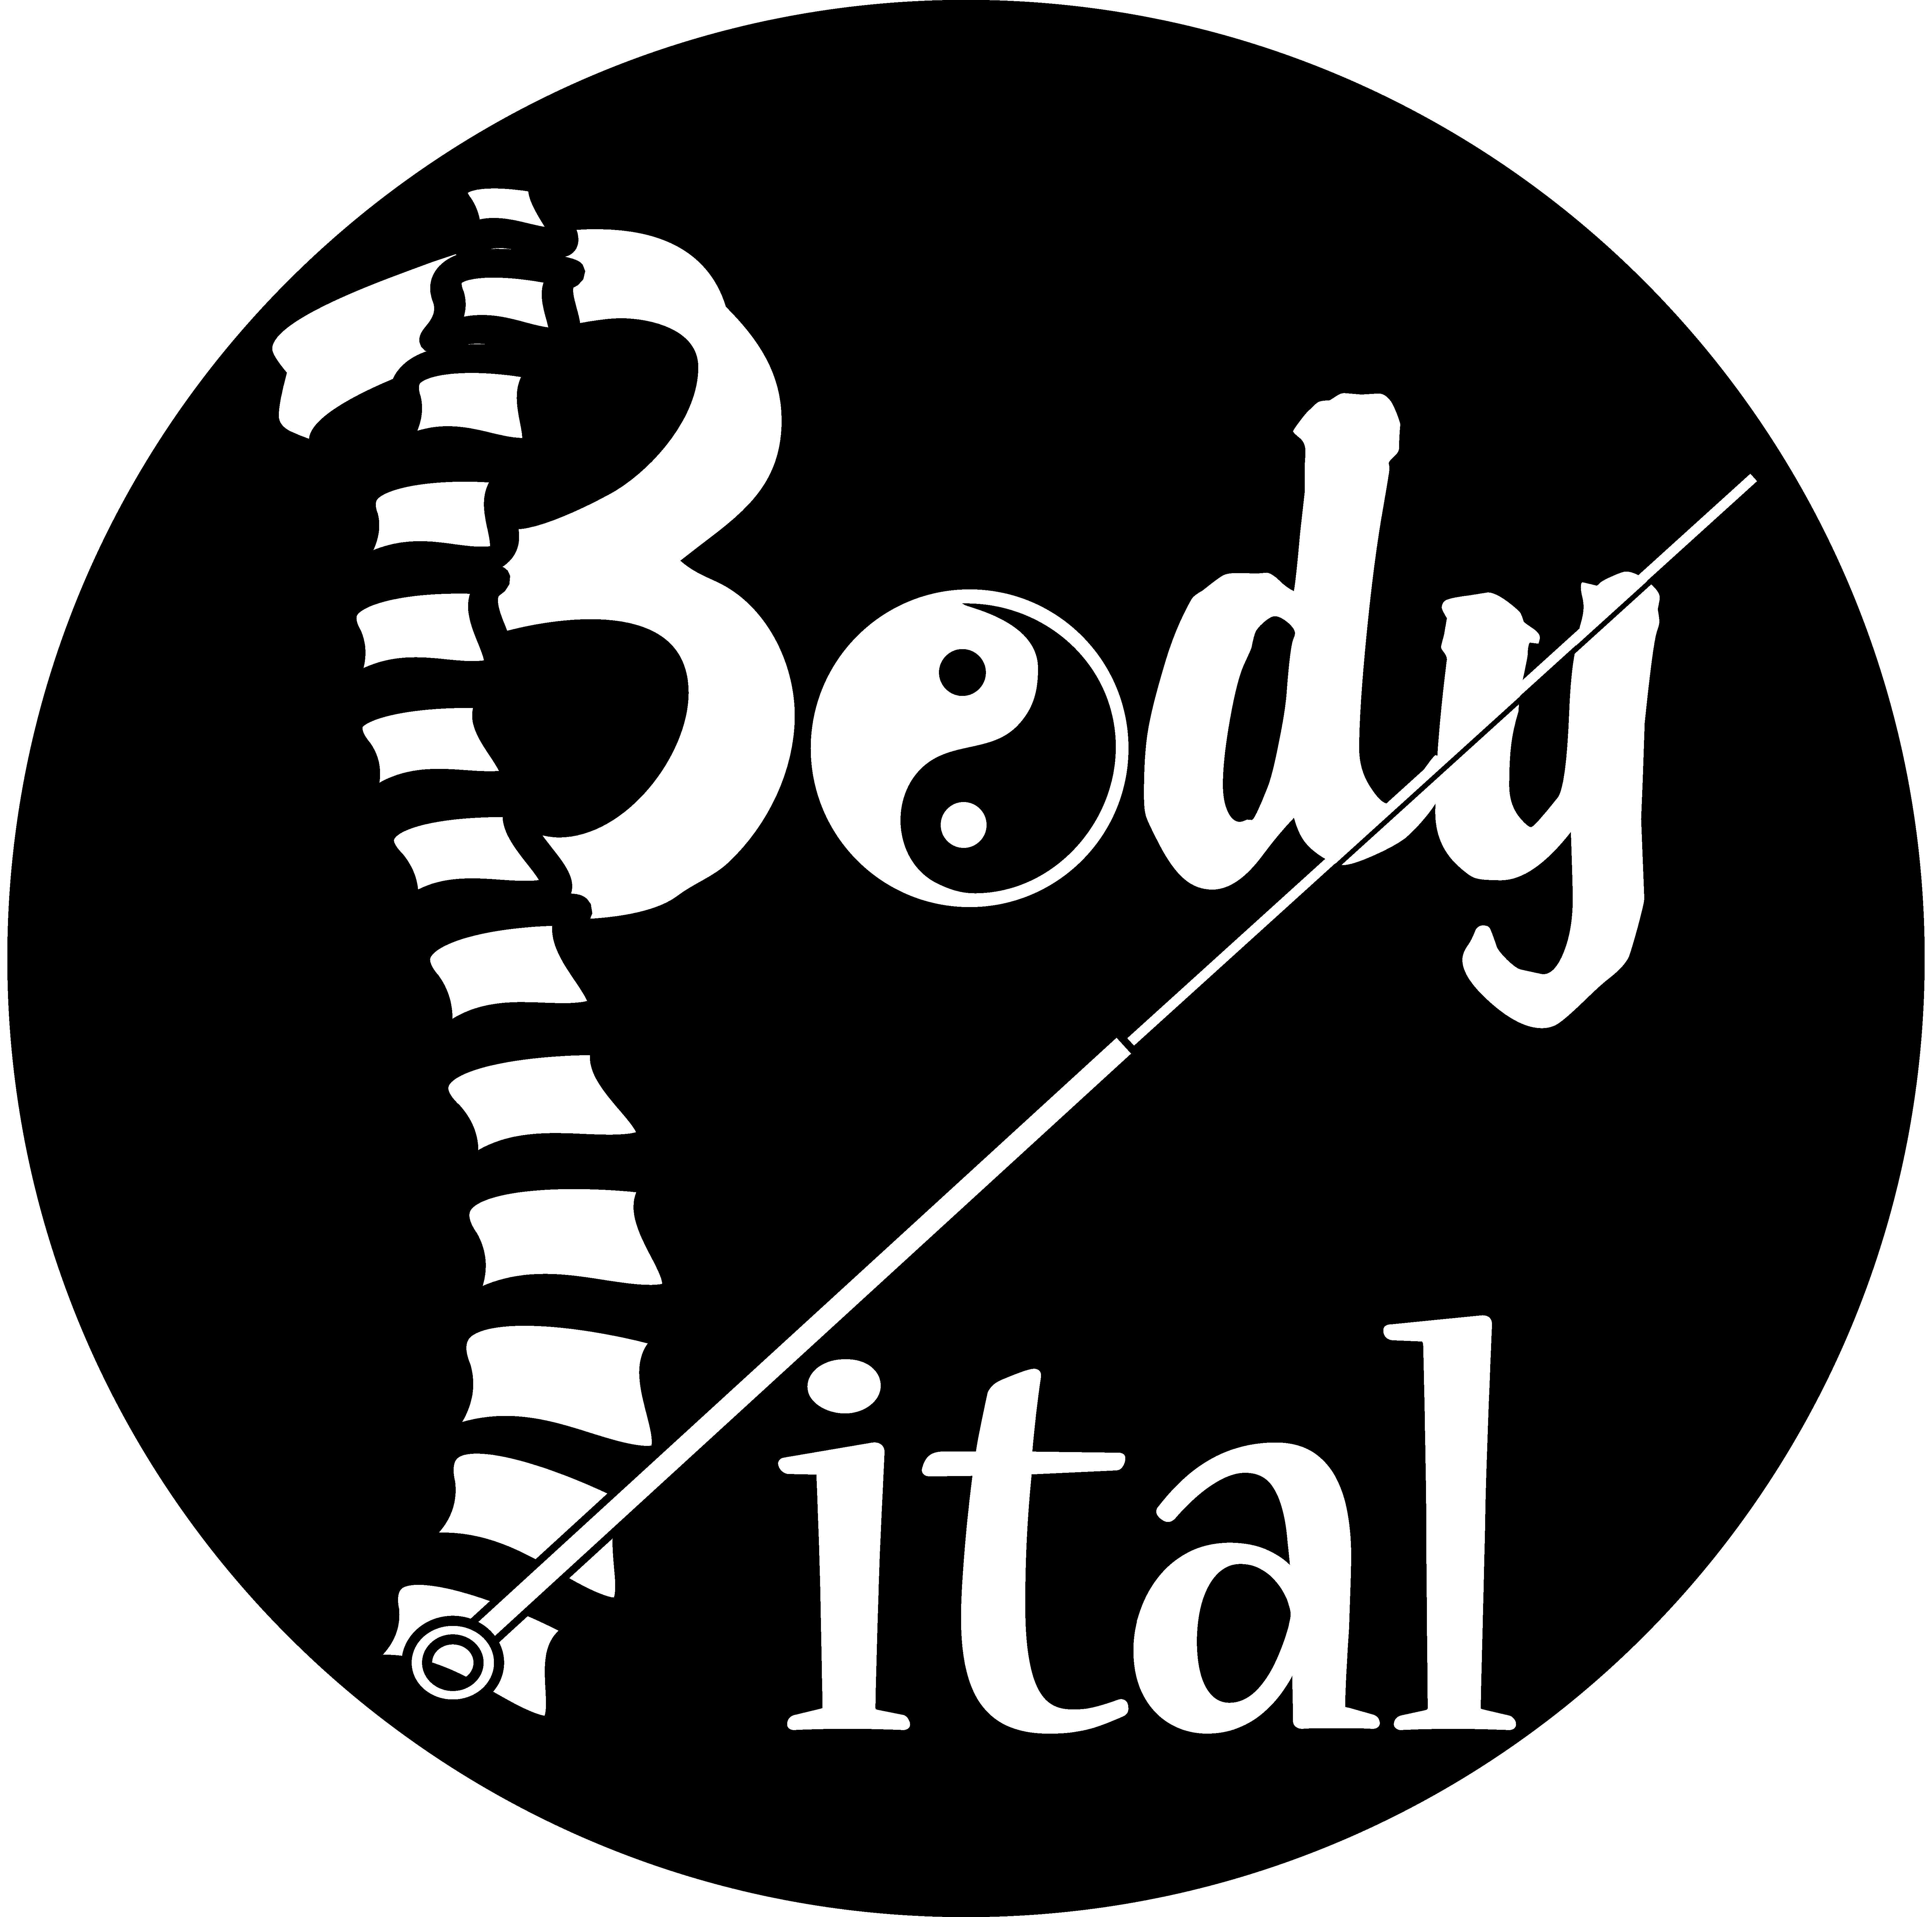 Bodyvital